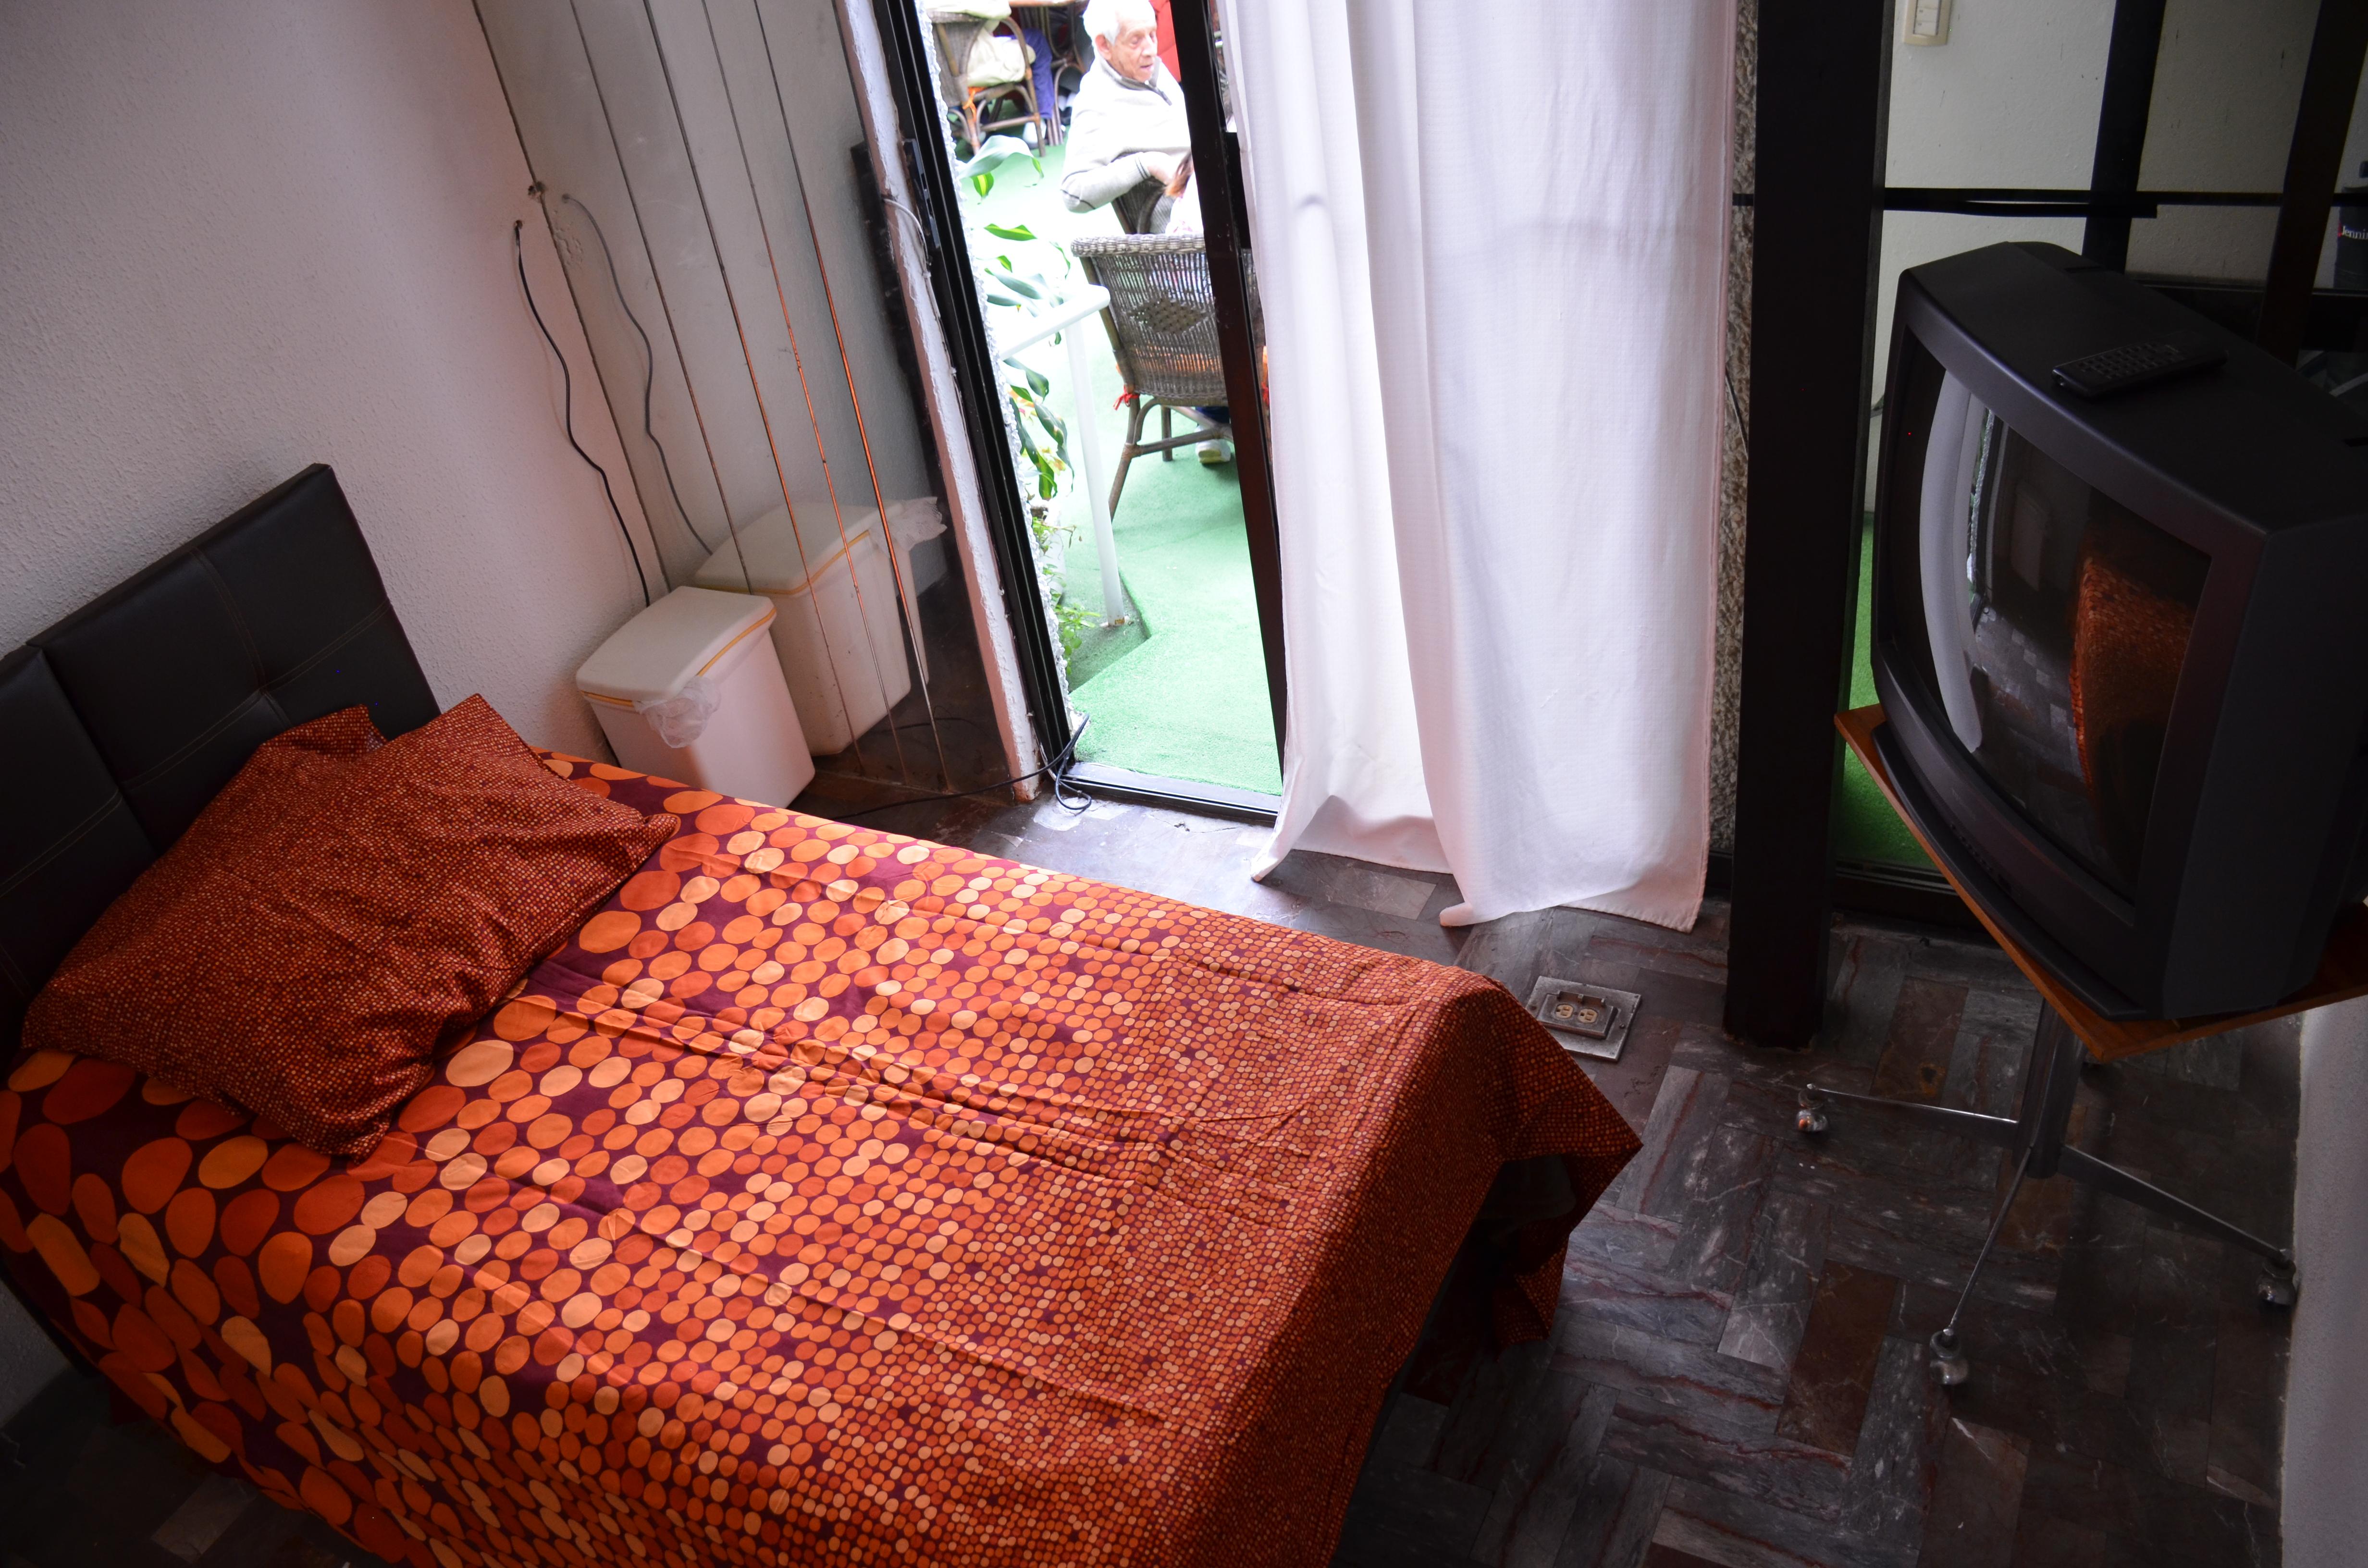 residencias de retiro en mexico